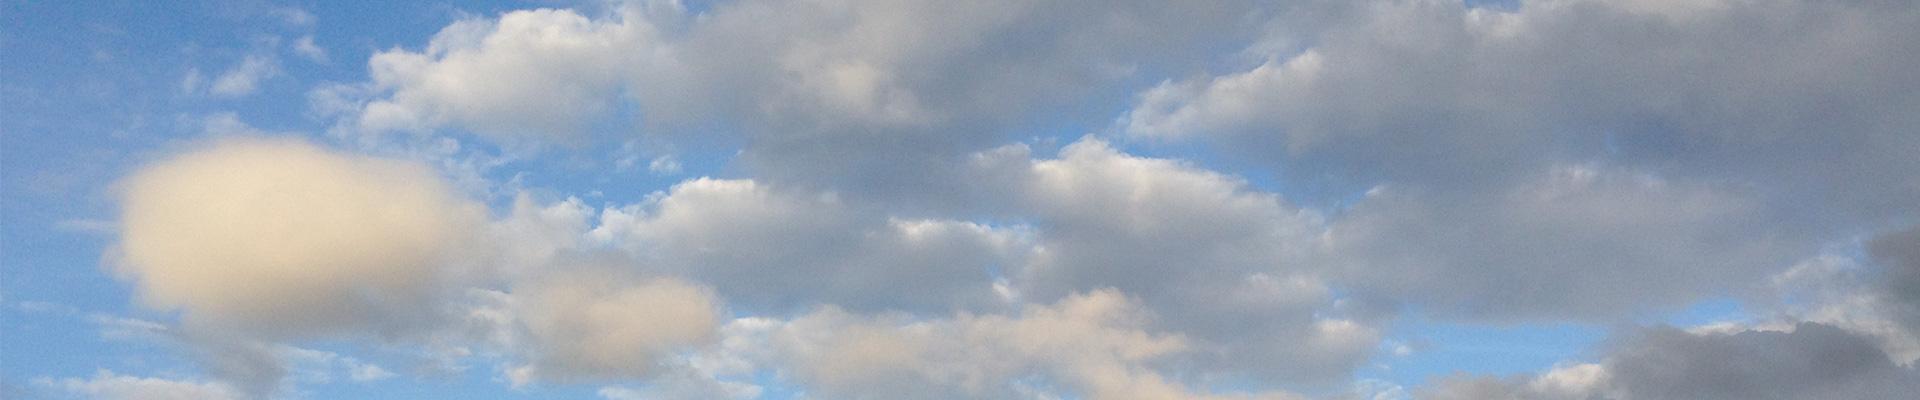 oblaci-2